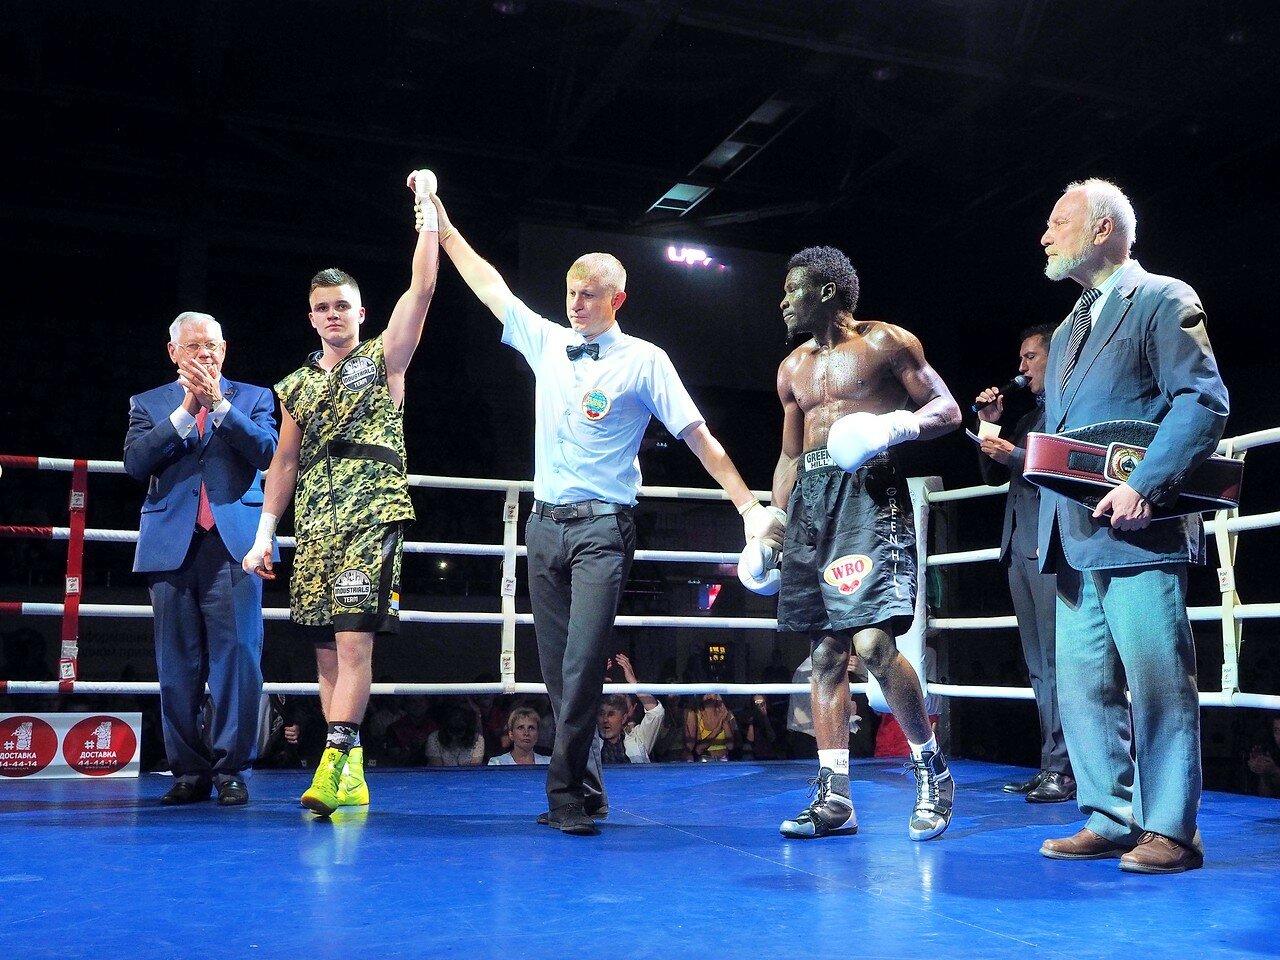 121 Вечер профессионального бокса в Магнитогорске 06.07.2017